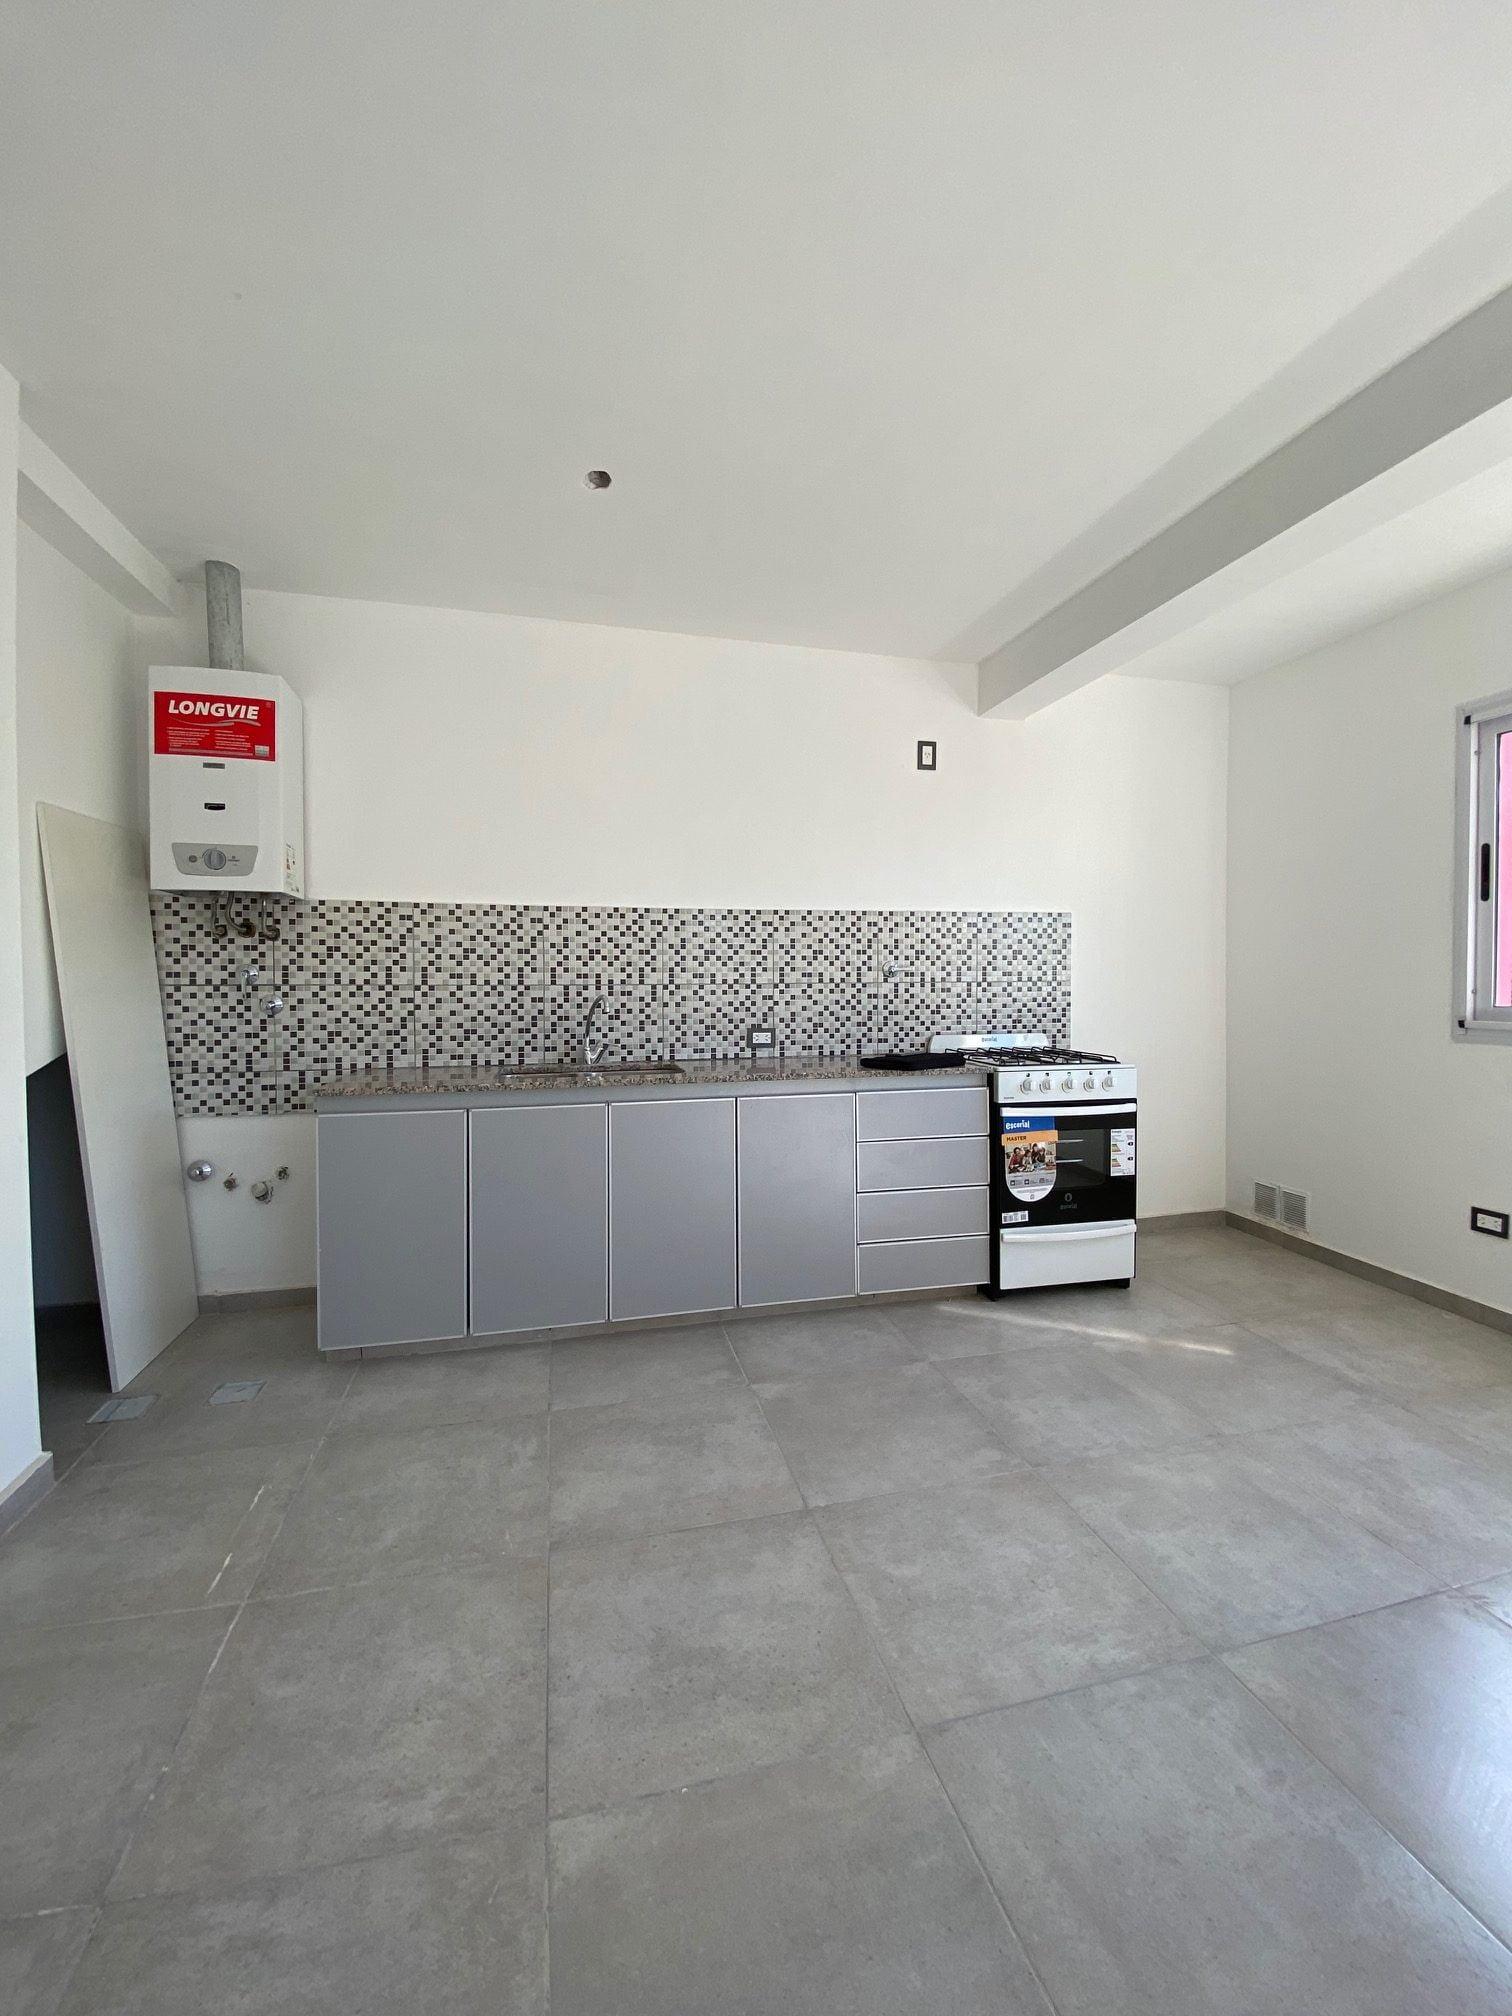 Departamento en Duplex de 2 dormitorios con cochera a Estrenar, en alquiler en  Br Mariano Moreno.